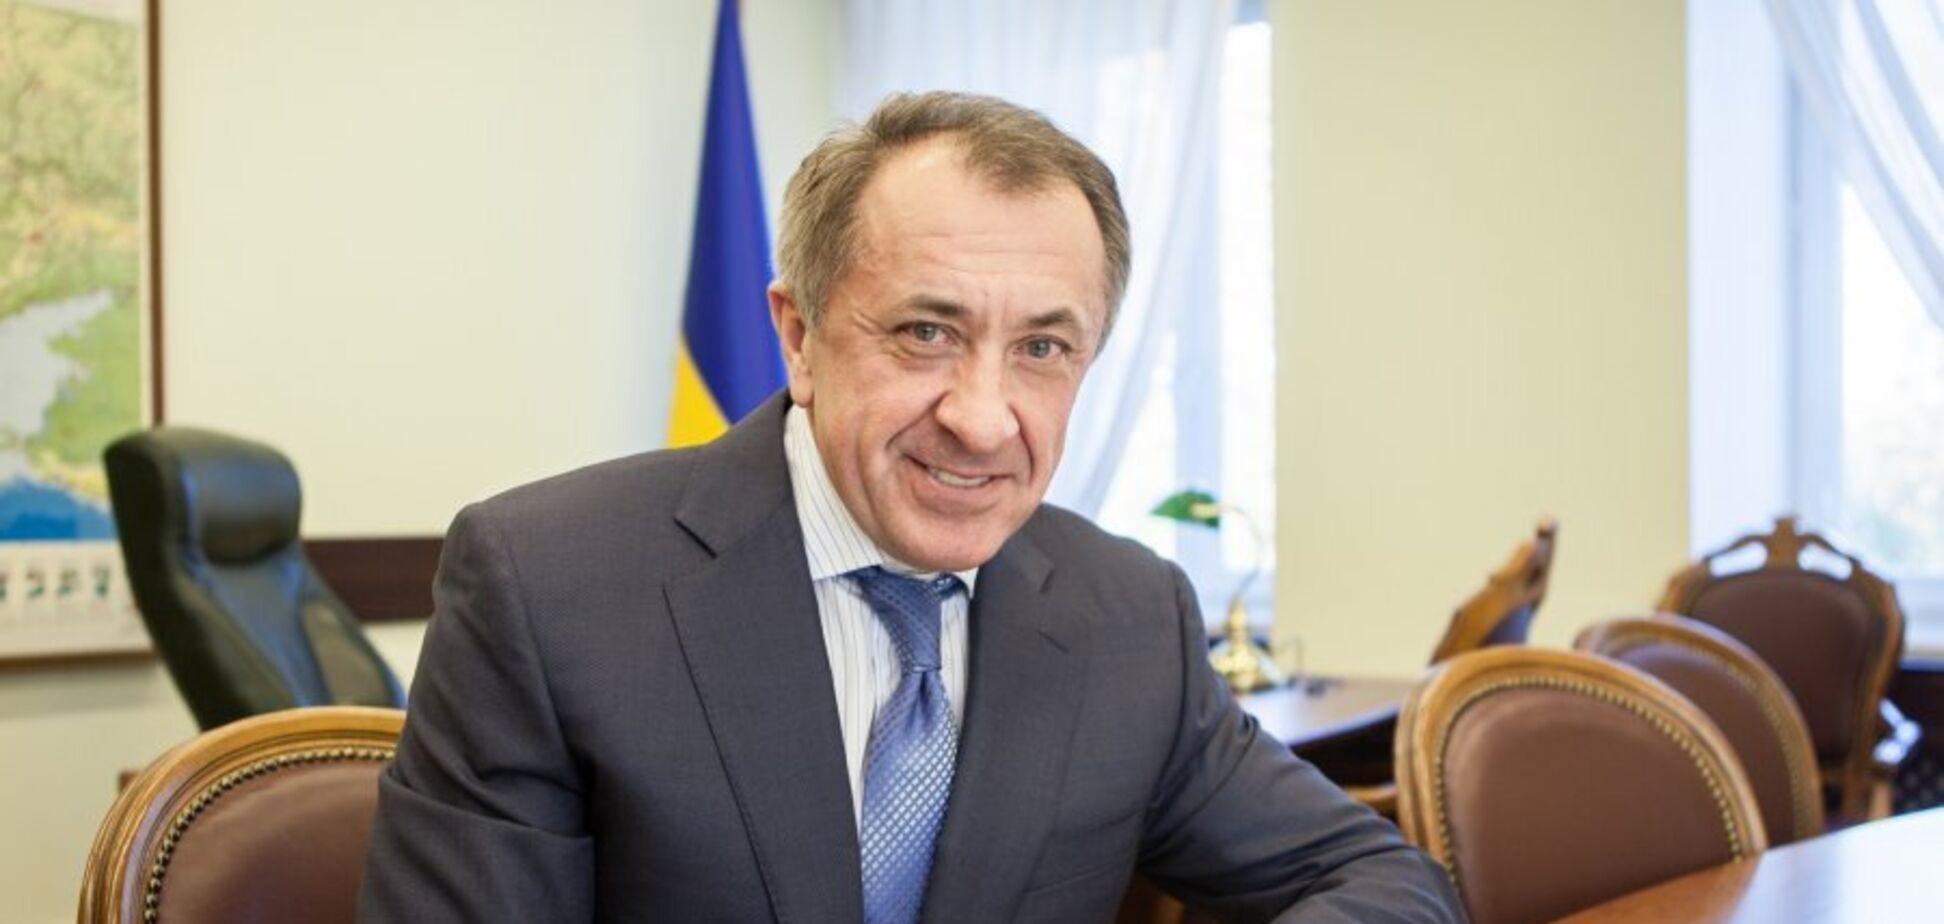 Низький рівень державної підтримки споживчого попиту в Україні є однією з причин її відставання в економічному розвитку від інших країн